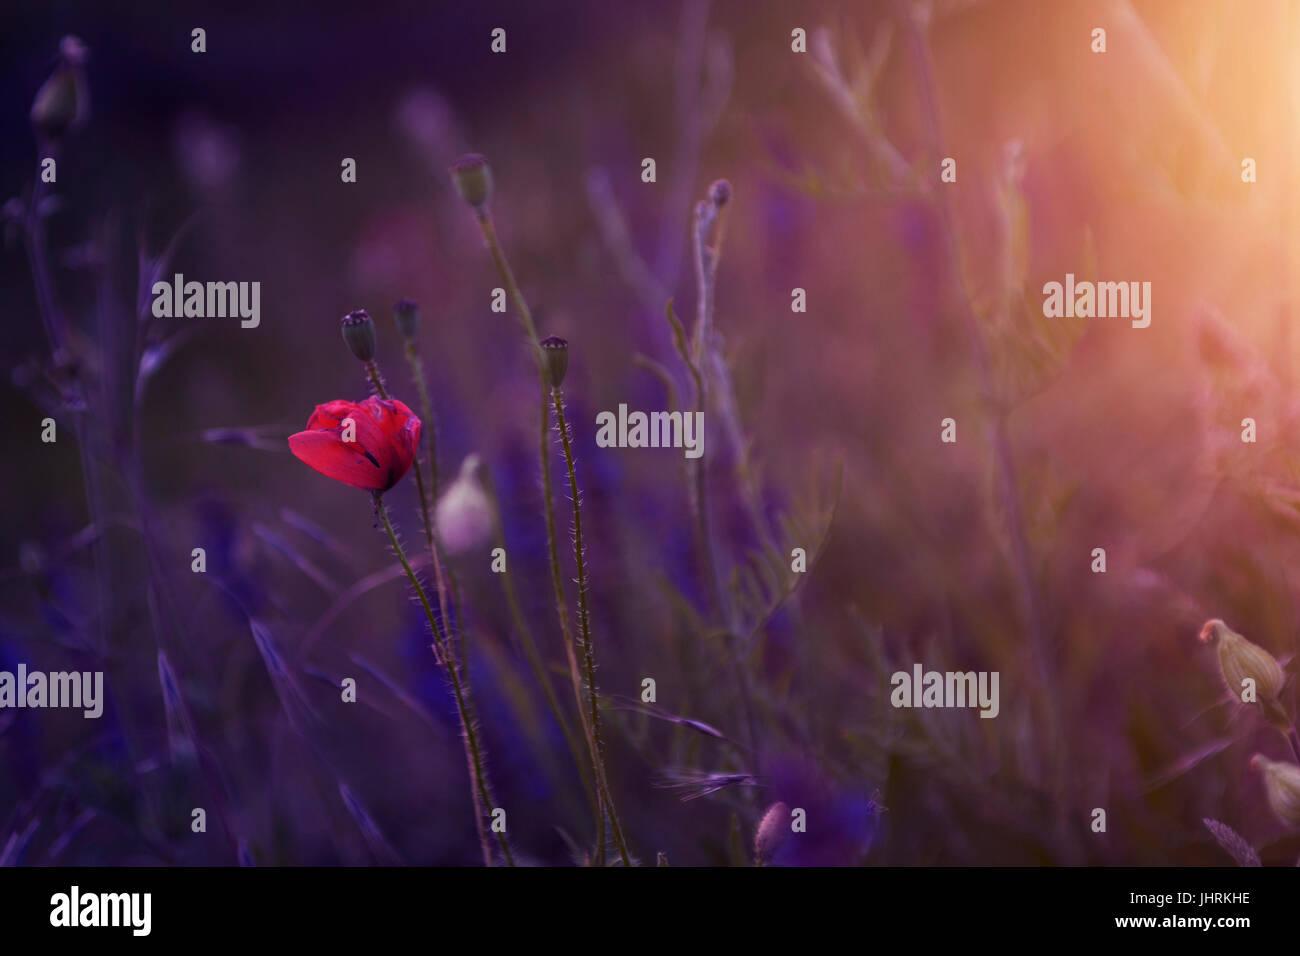 Poppy in sunset - Stock Image